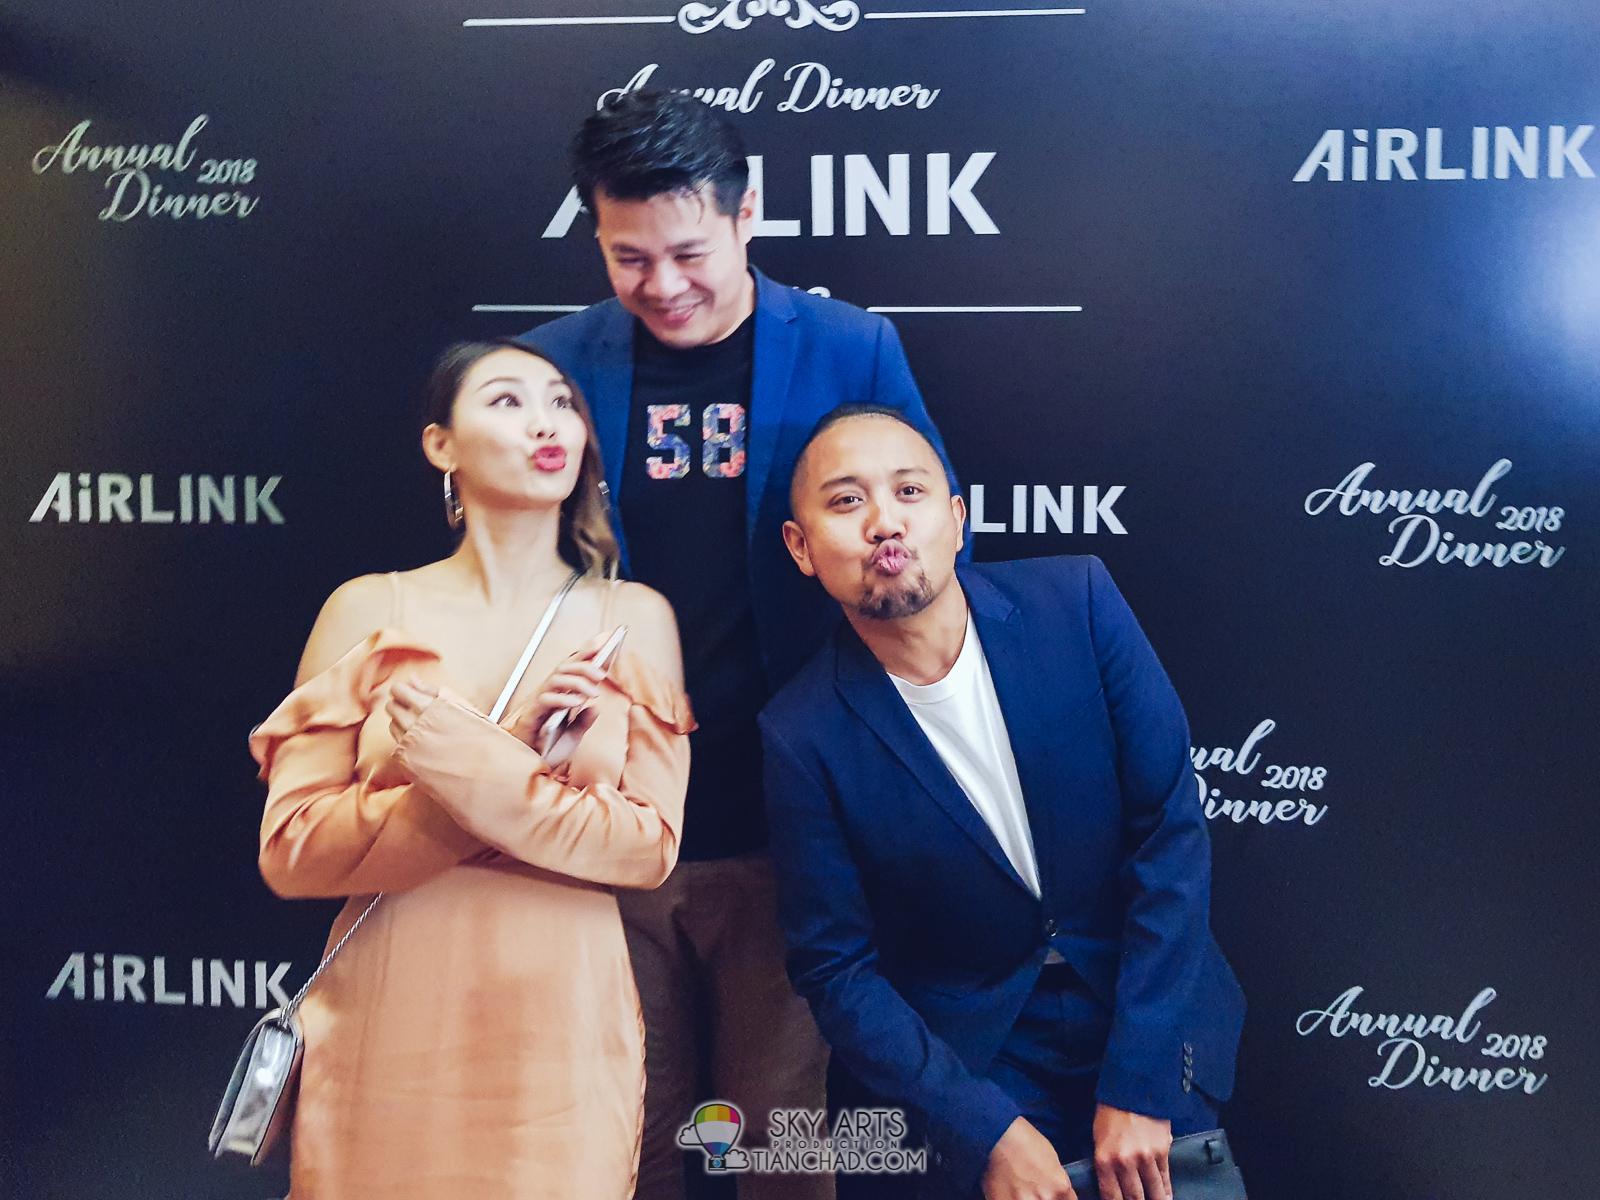 Airlink Annual Dinner 2018 @ Chuai Heng Banquet Hall #XINHAI